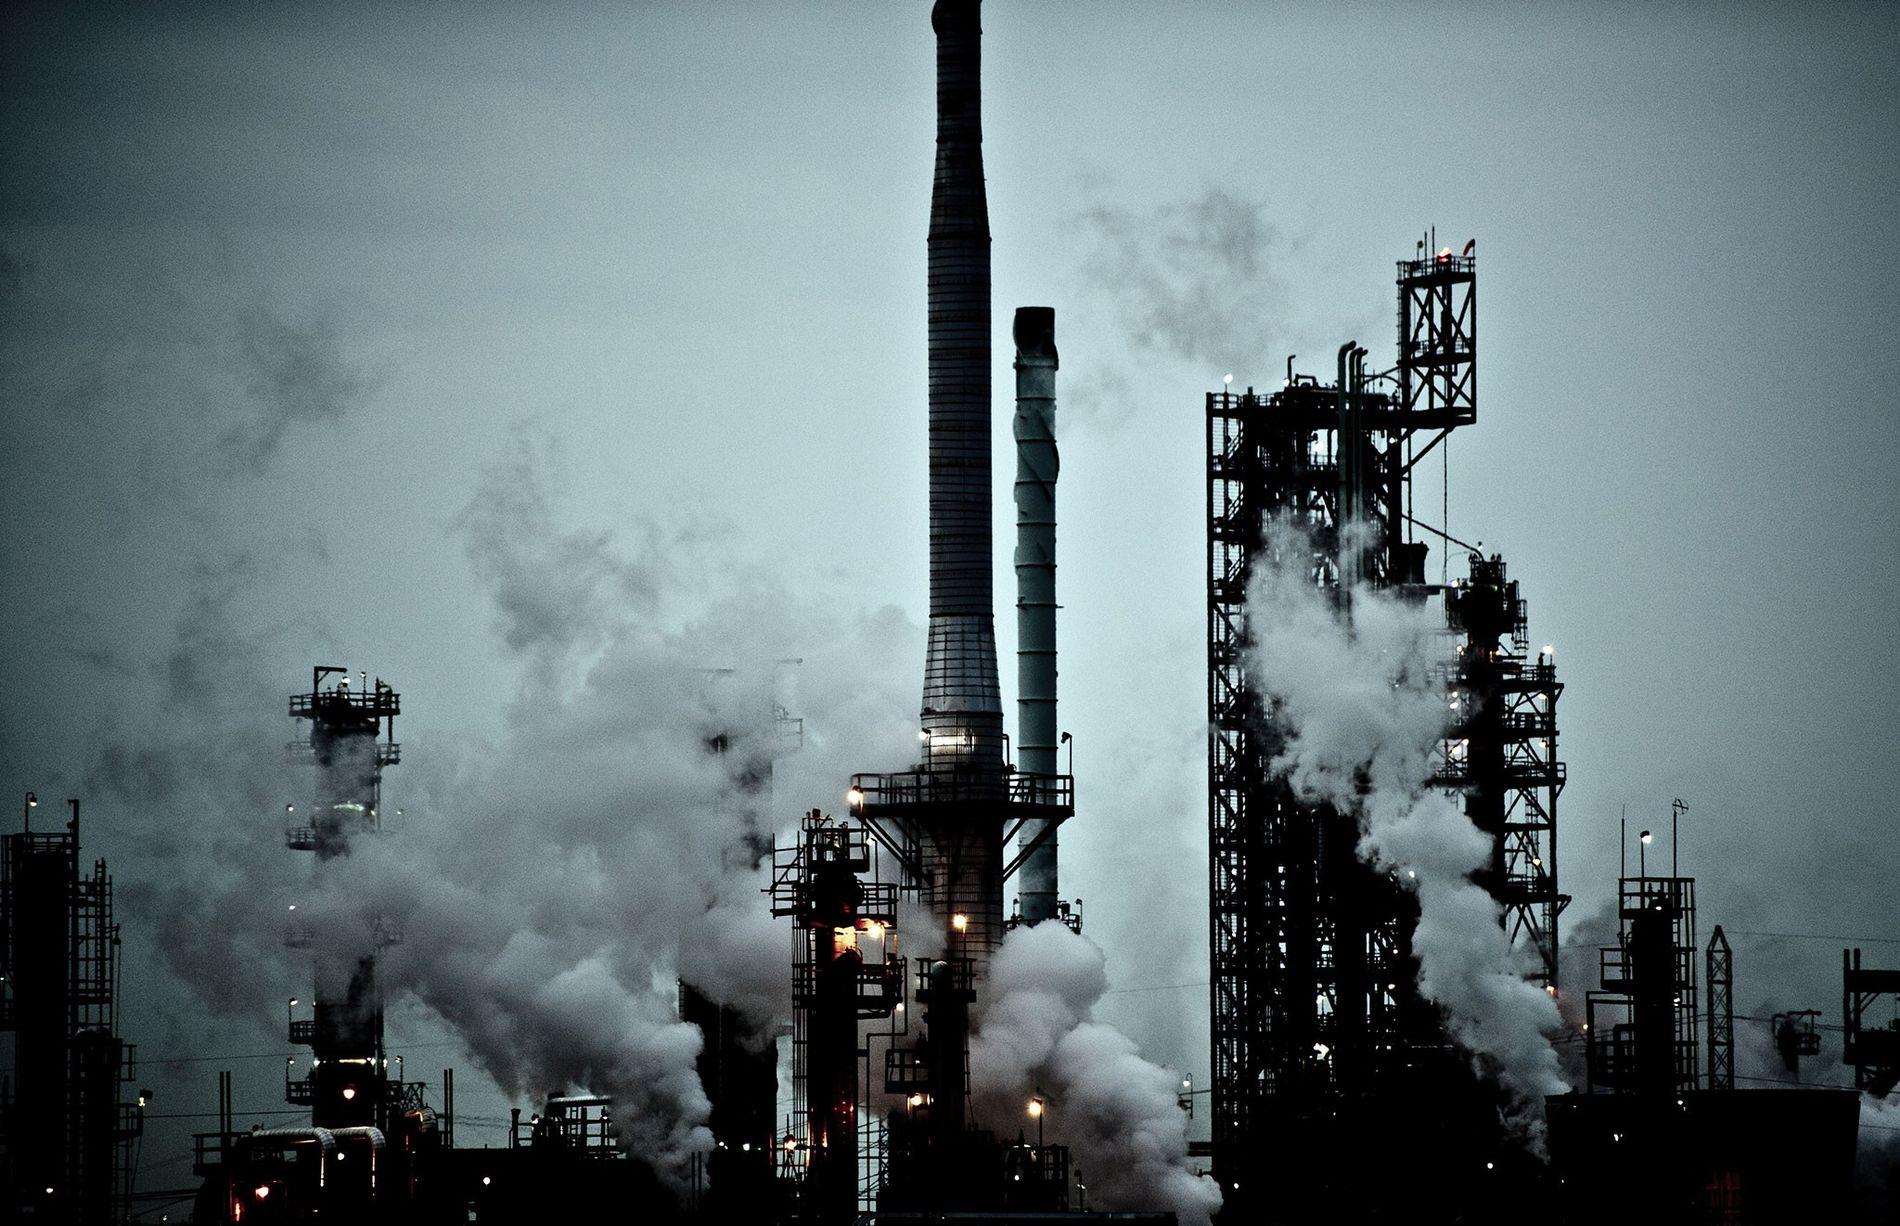 Une centrale à charbon de la société DTE Energy à River Rouge, dans le Michigan, aux États-Unis.